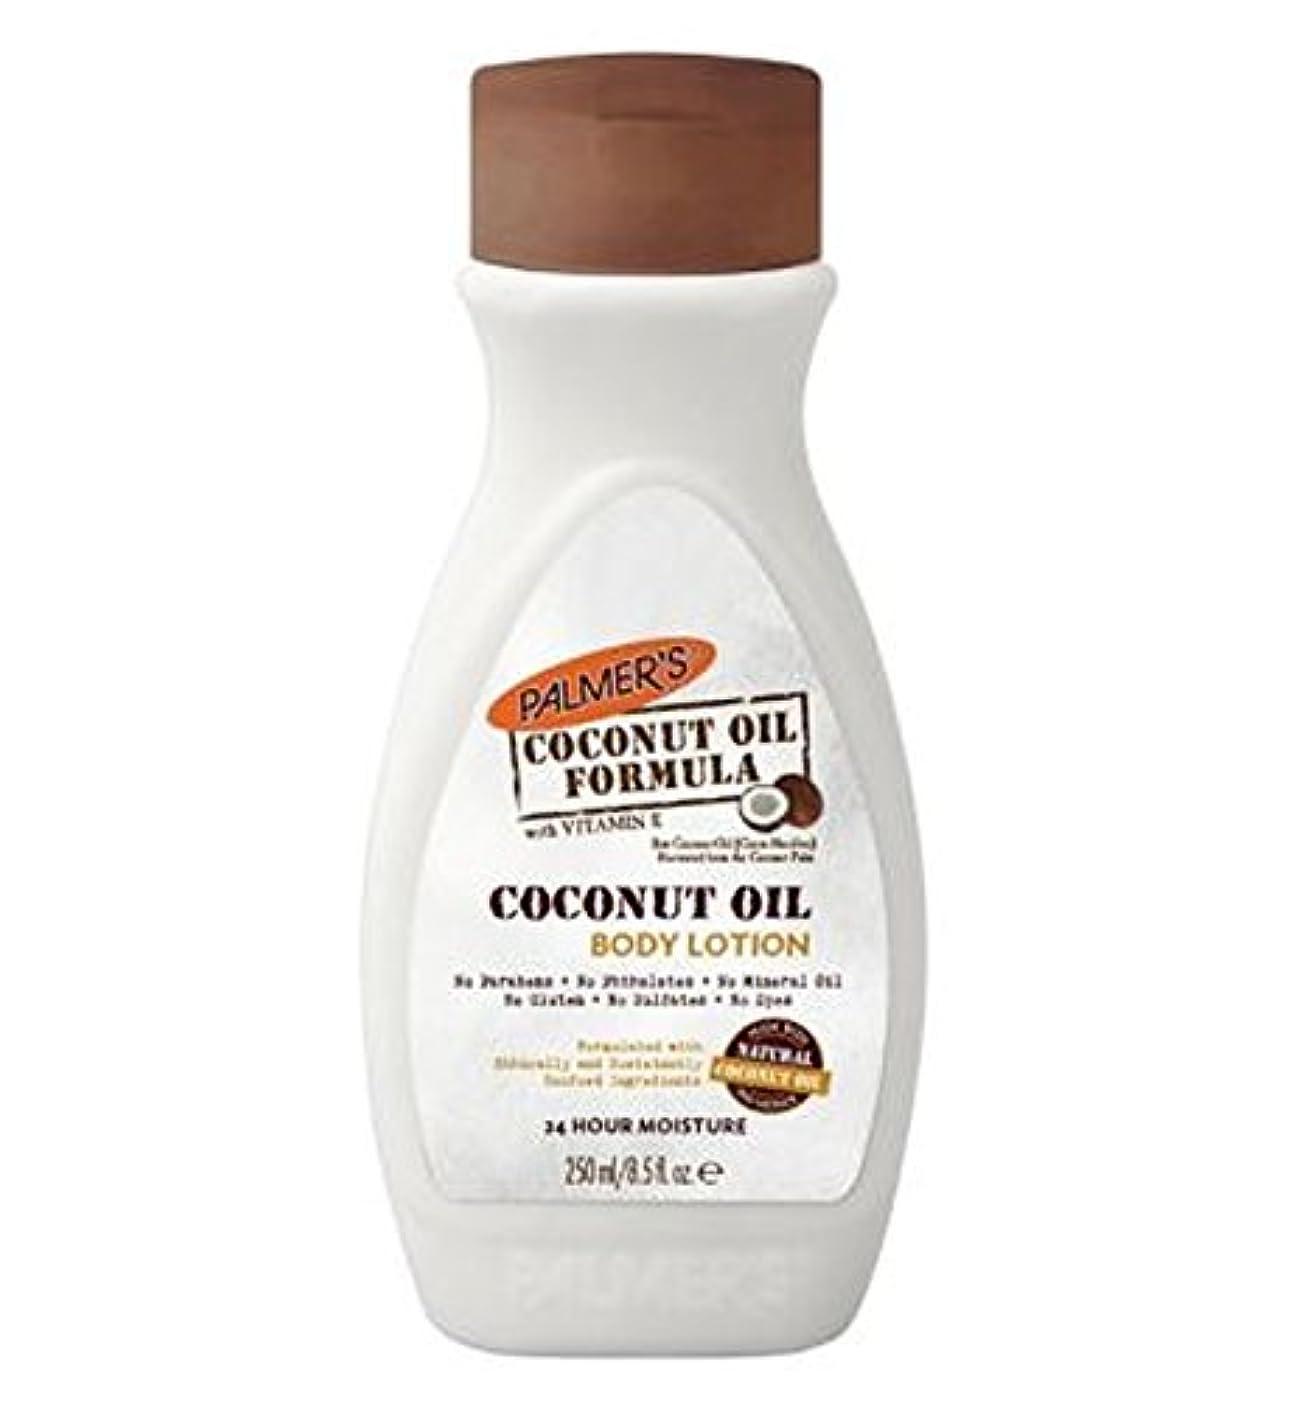 捕虜覚えているバーマドPalmer's Coconut Oil Formula Body Lotion 250ml - パーマーのココナッツオイル式ボディローション250ミリリットル (Palmer's) [並行輸入品]